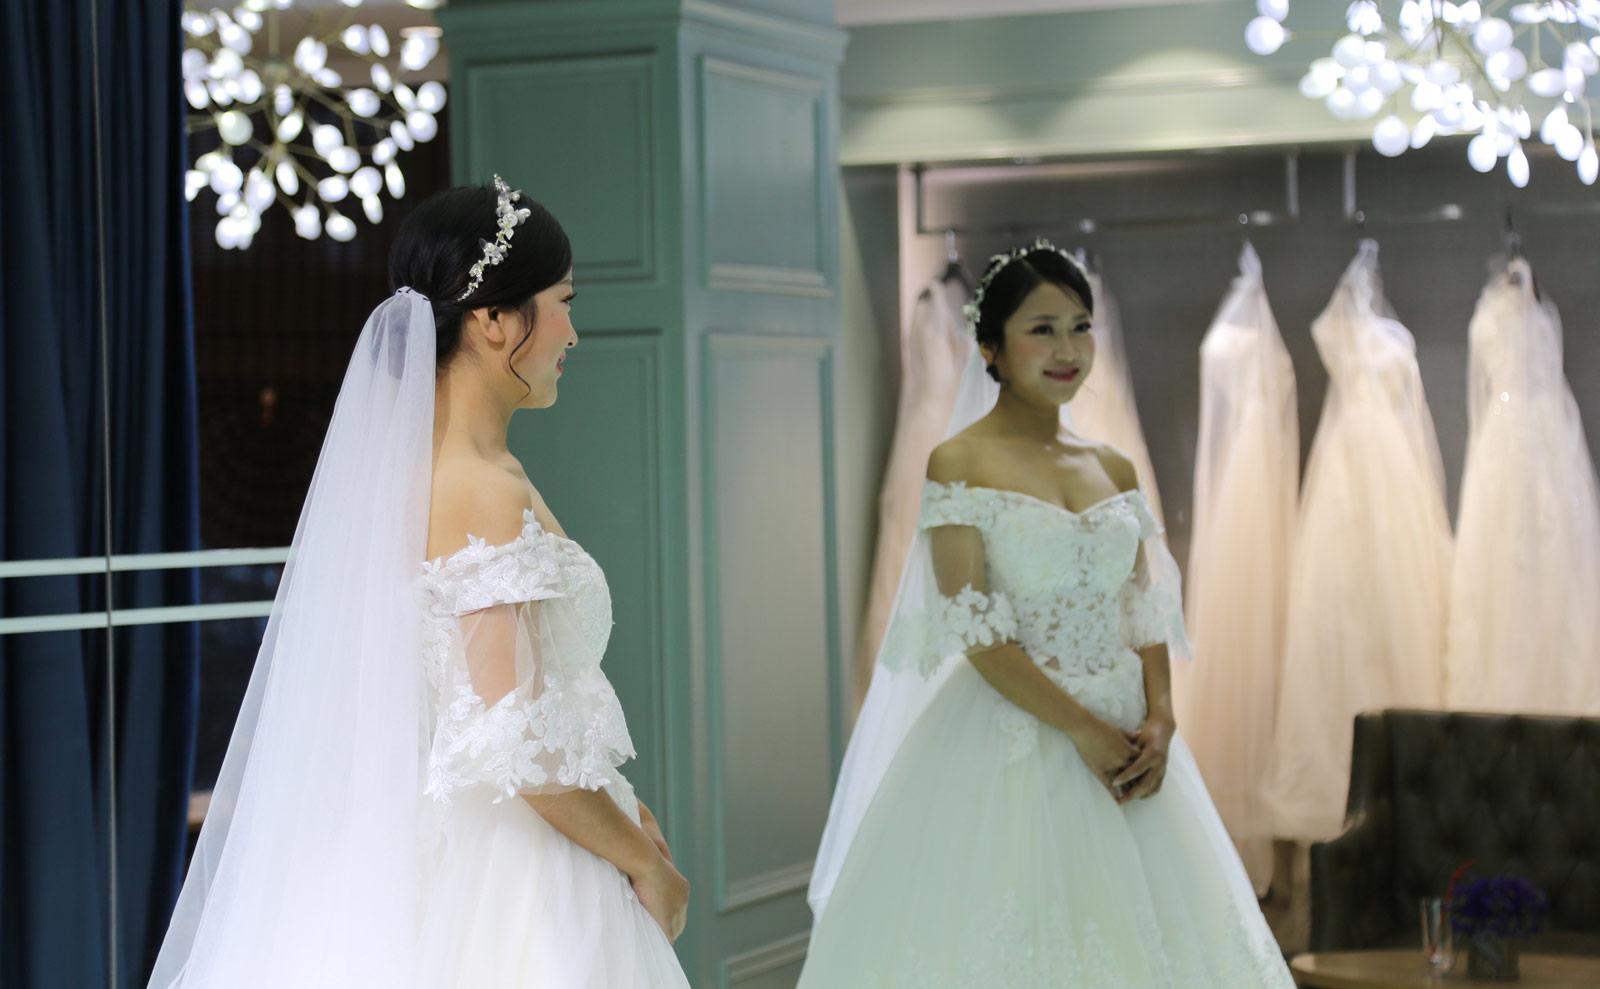 2018年元旦前夕,武汉地铁21号线(阳逻线)后湖大道站站厅举行了一场充满浓郁地铁特色的集体婚礼,21对新人步入婚姻殿堂。图为一位新娘身穿婚纱露出幸福笑容。(连迅 摄)